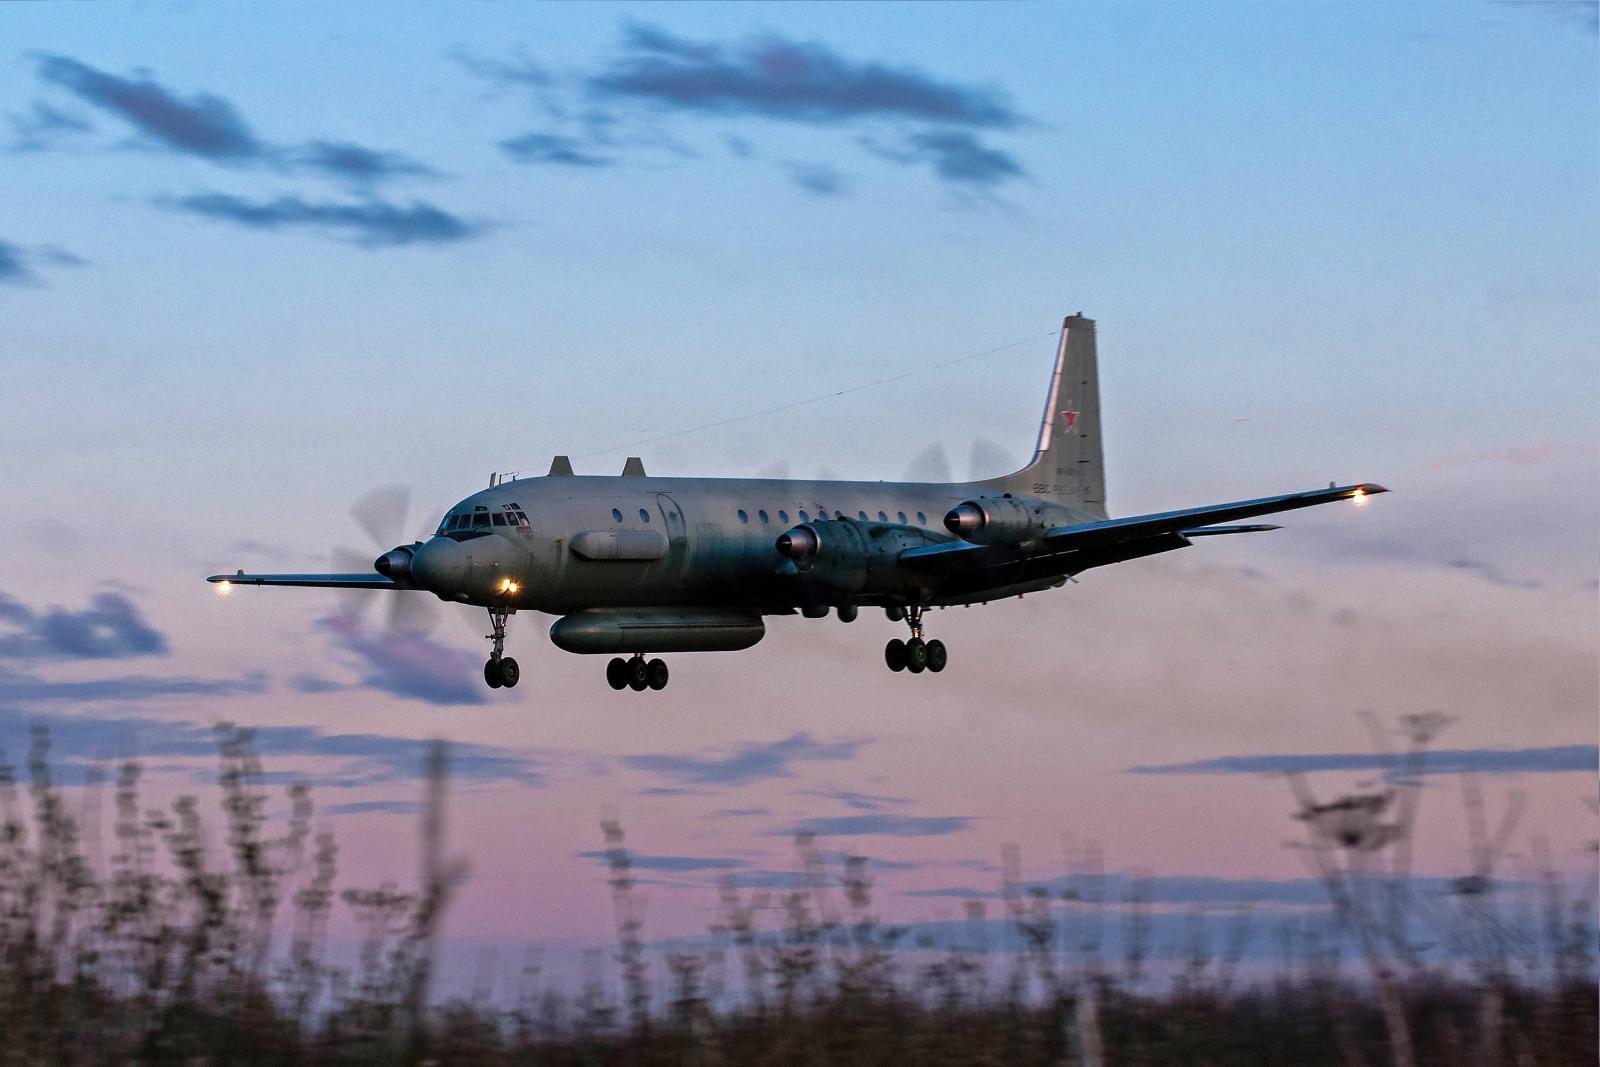 ซีเรีย พลาดยิงเครื่องบินลาดตระเวนรัสเซียตก ทหารดับยกลำ 15 นาย